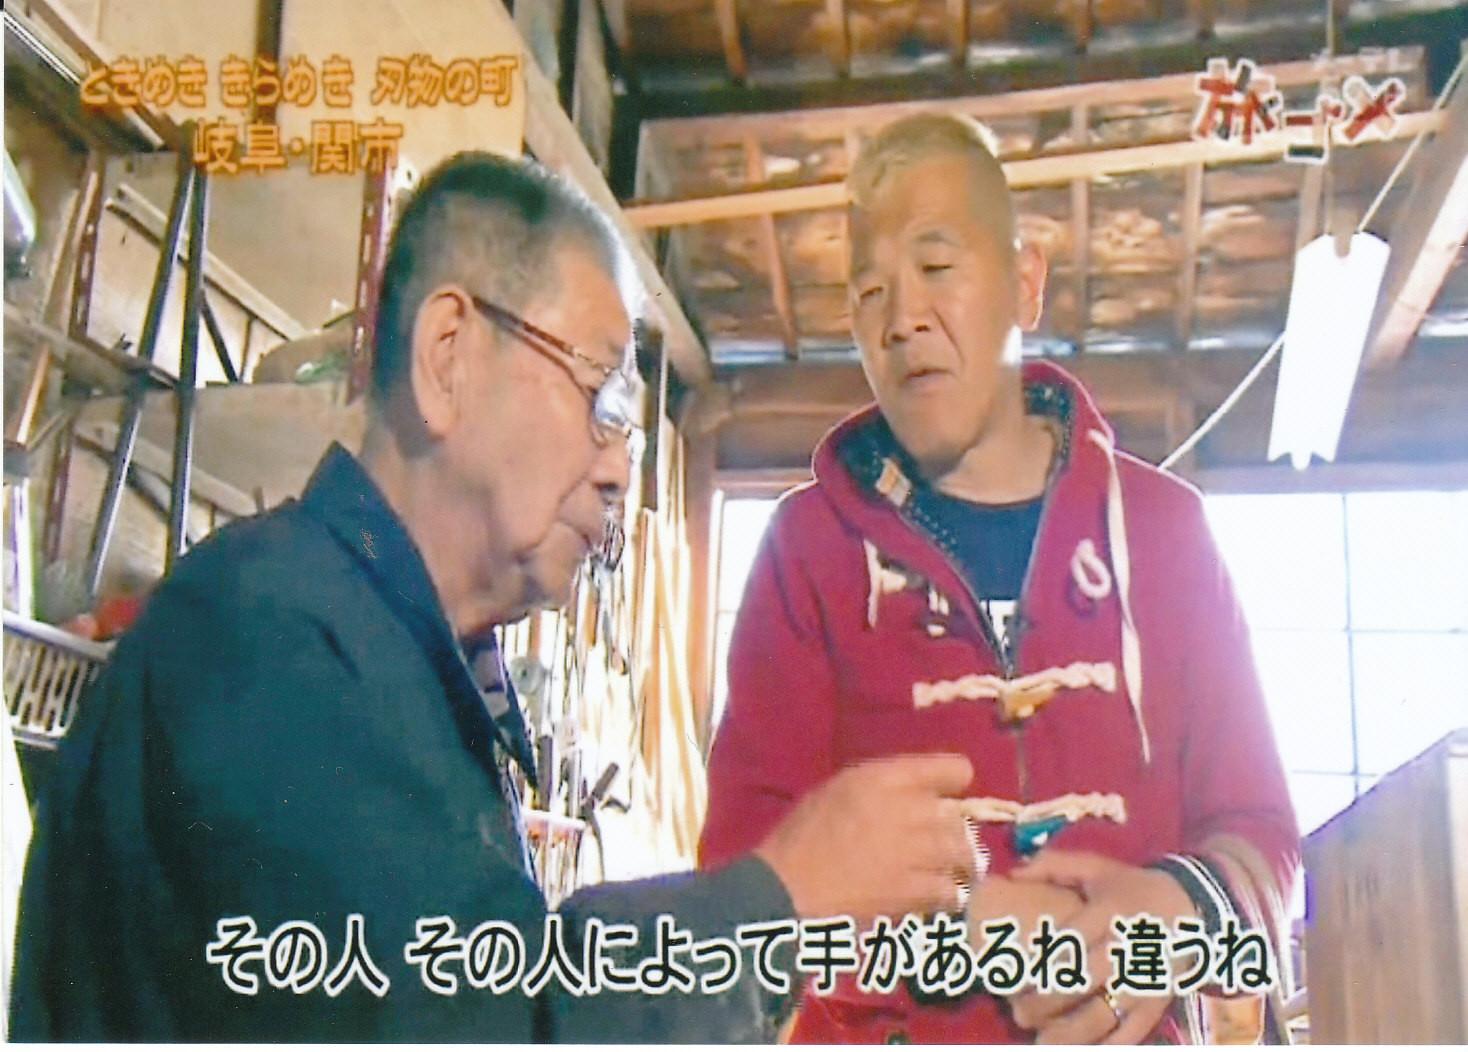 ウドちゃん来店 箪笥修理を見学していきました。メ~テレ「ウドちゃんの旅してゴメン」にテレビ出演